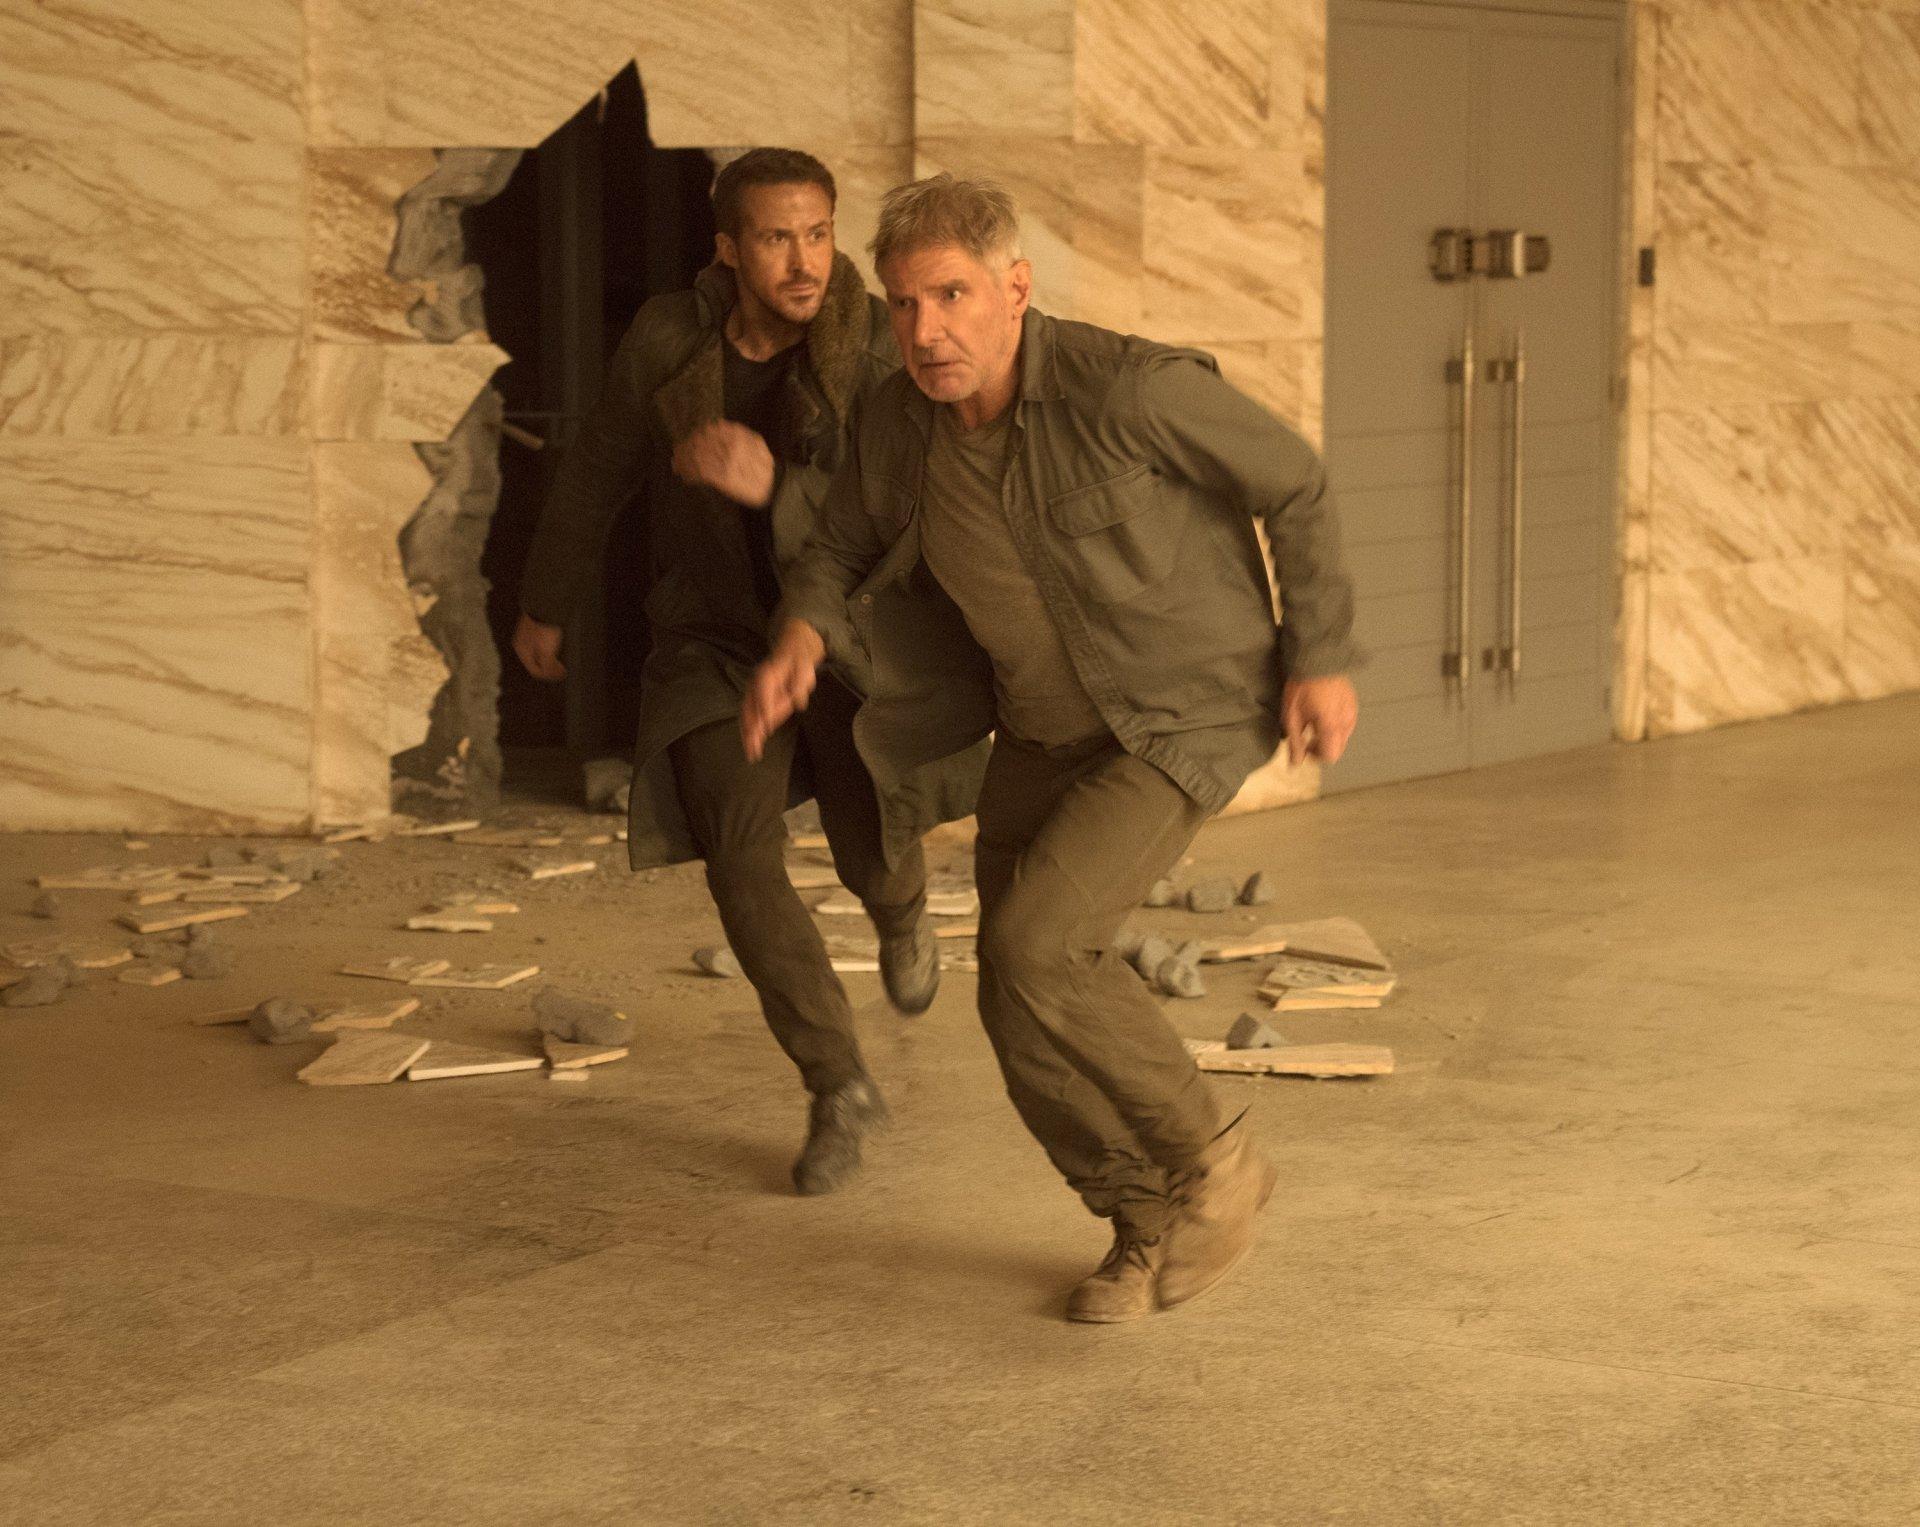 电影 - 银翼杀手2049  Ryan Gosling Harrison Ford Officer K (Blade Runner 2049) Rick Deckard 壁纸